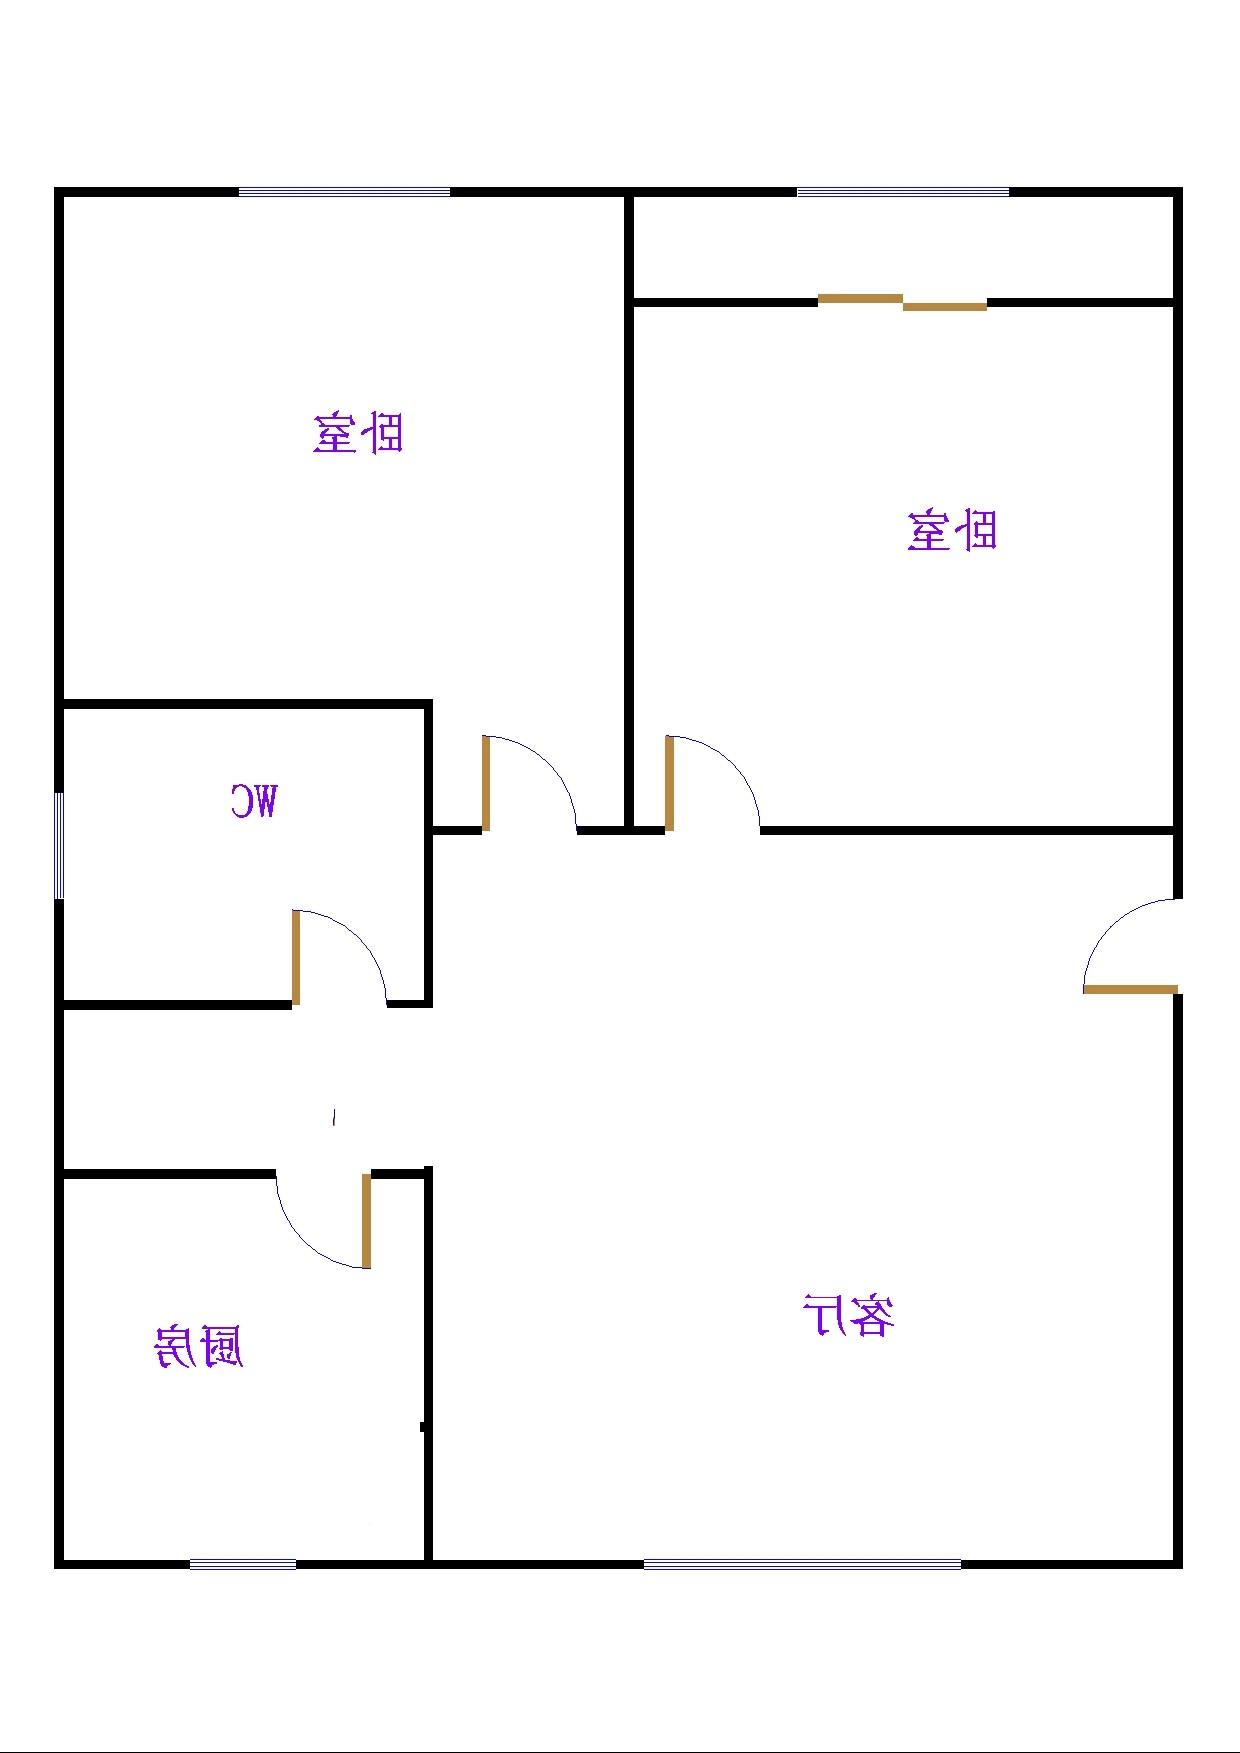 石化家园 2室2厅 双证齐全过五年 简装 80万